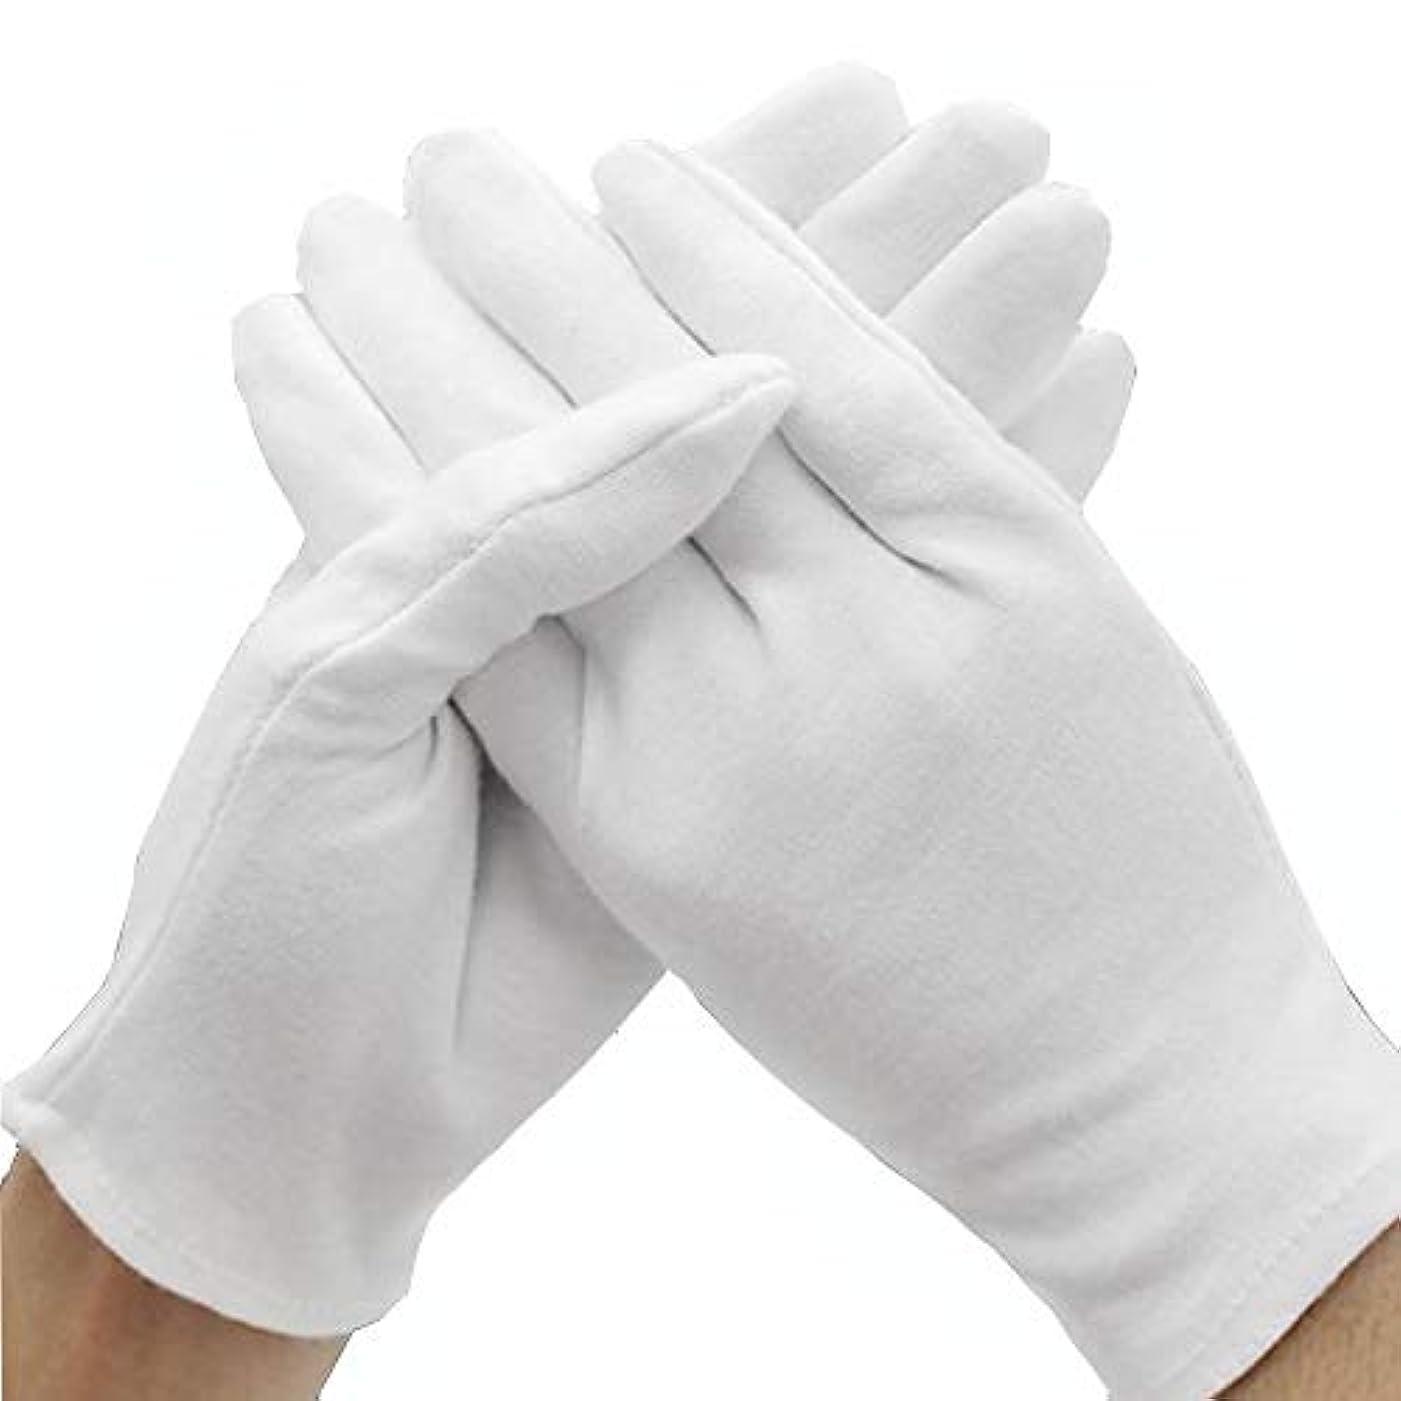 Lezej インナーコットン手袋 白い手袋 綿手袋 衛生手袋 コットン手袋 ガーデニング用手袋 作業手袋 健康的な手袋 環境保護用手袋(12組) (M)